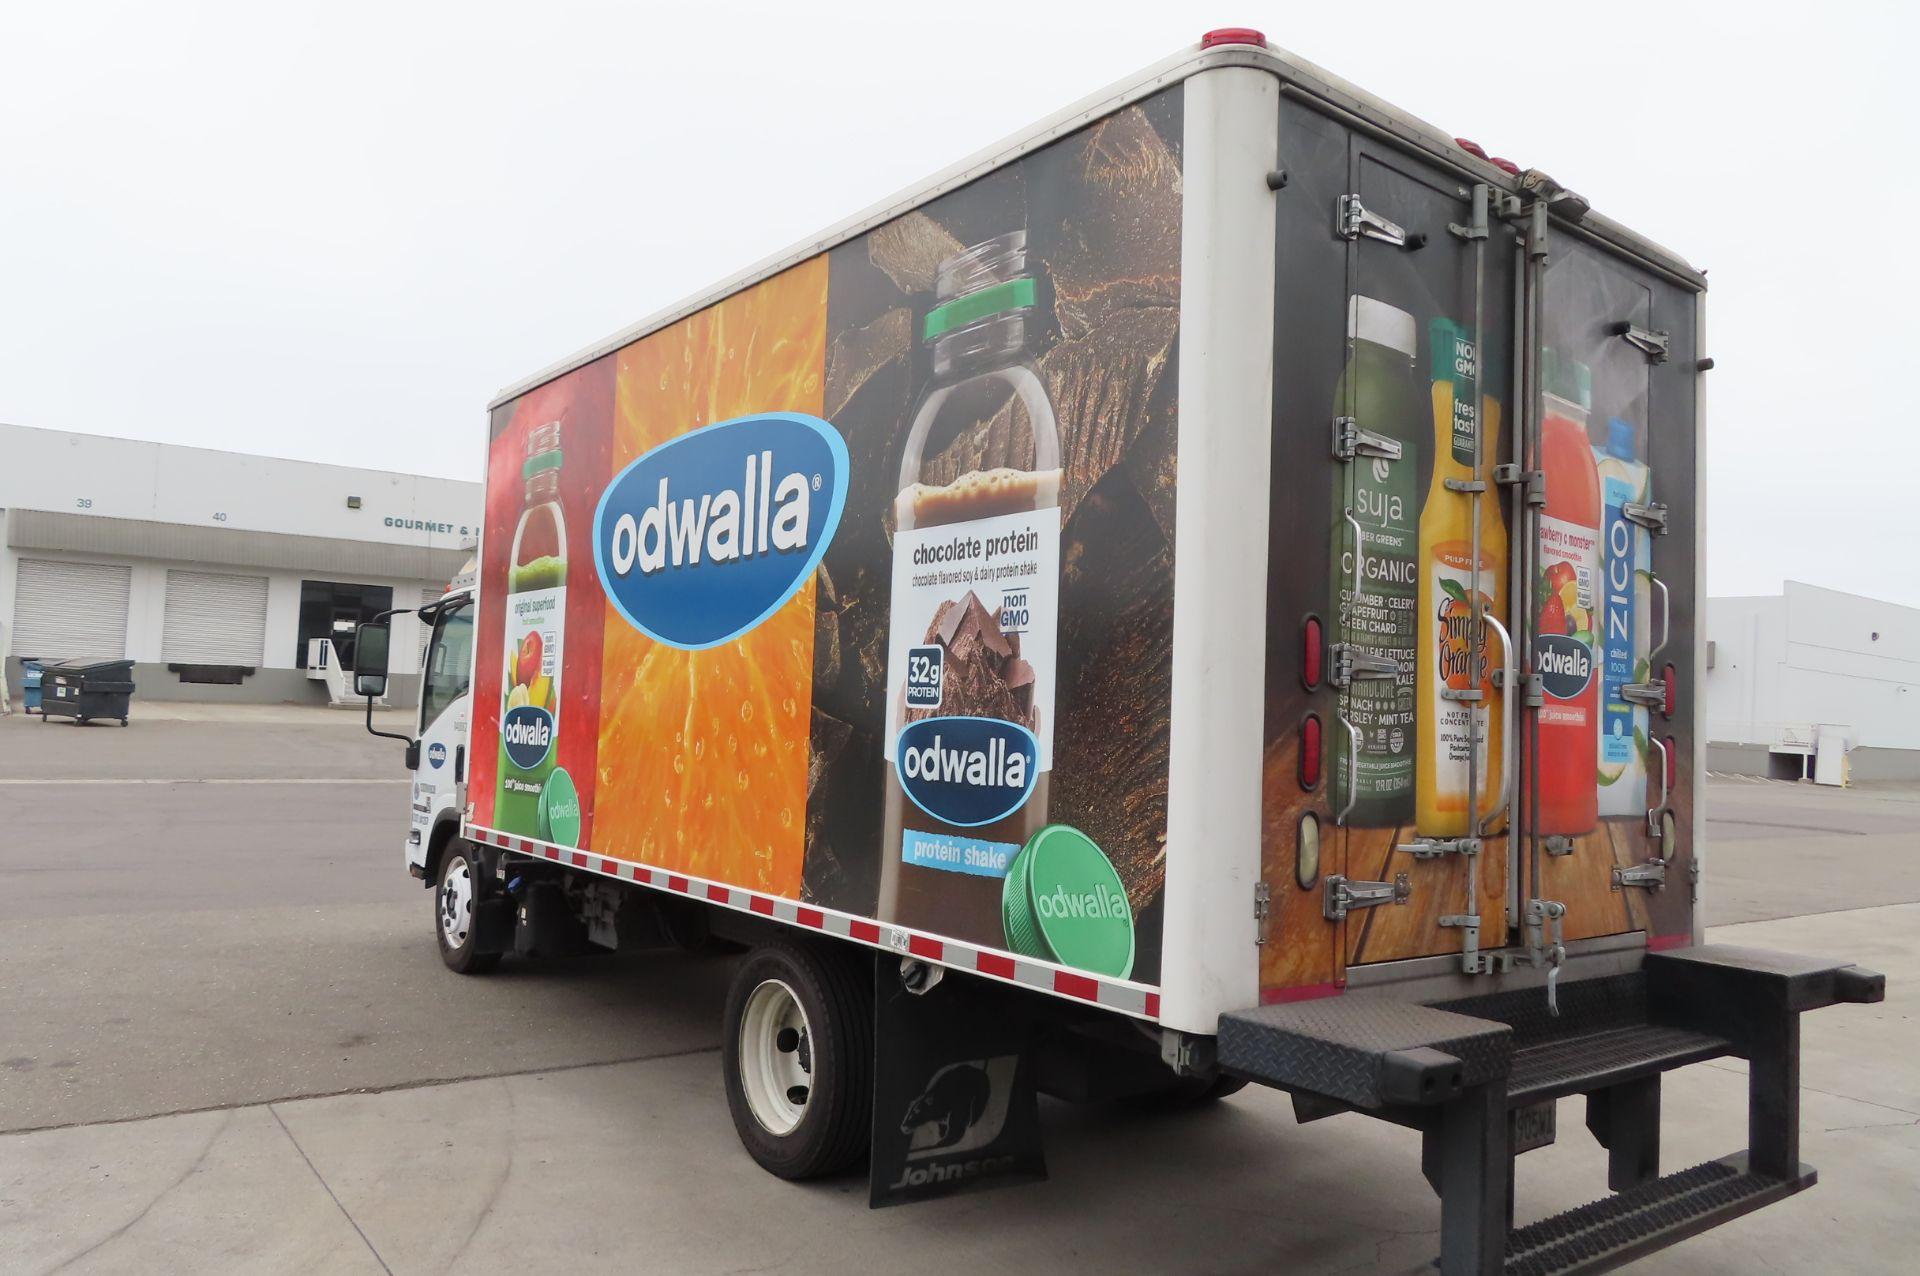 2013 Isuzu refrigerated truck - Image 4 of 9